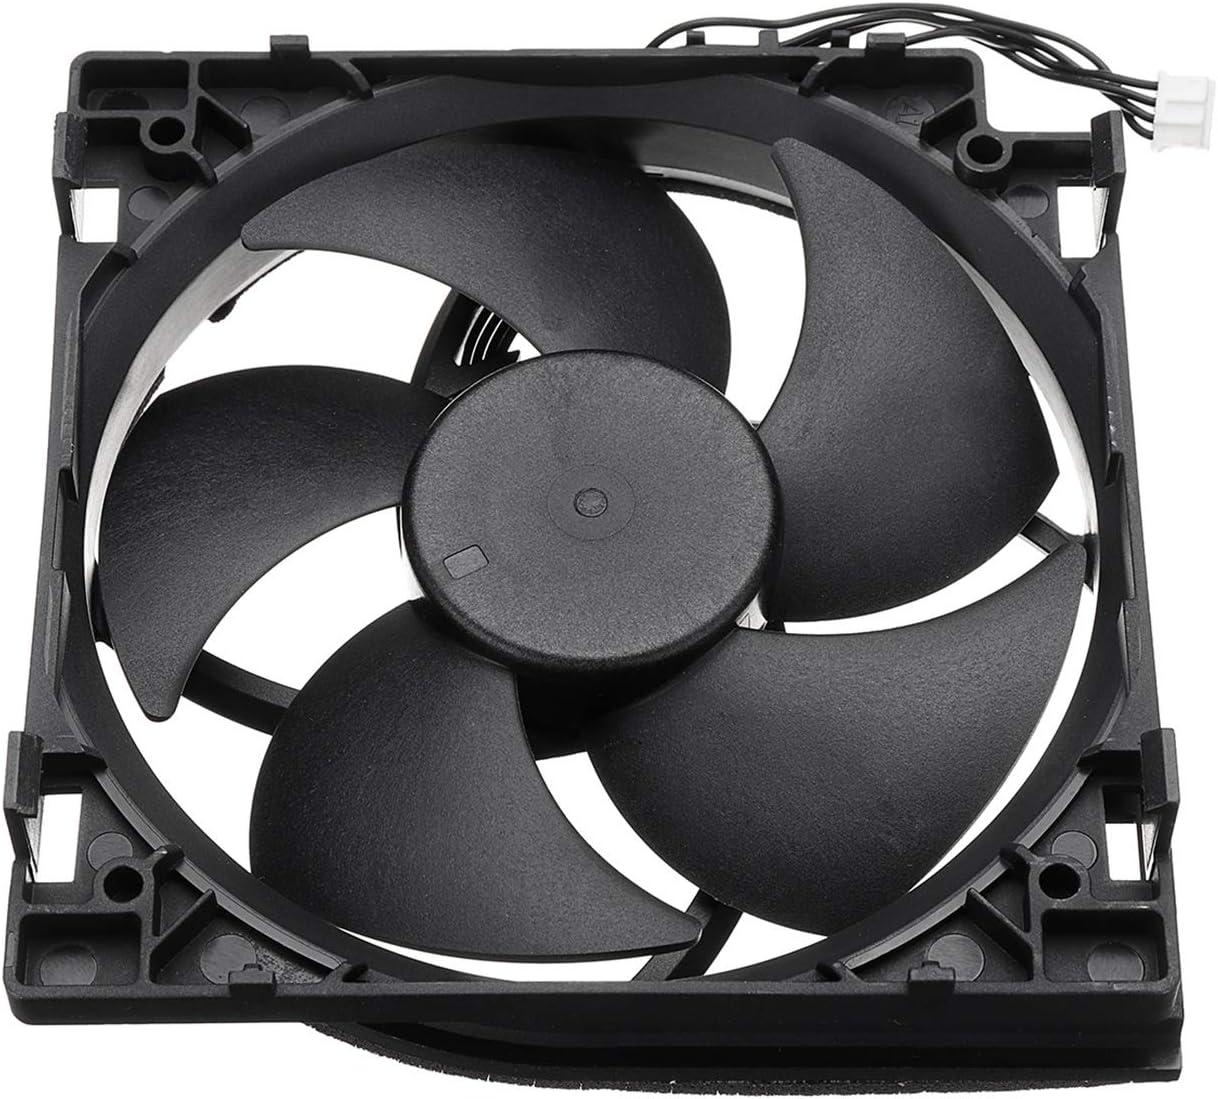 XZANTE Ventiladores Enfriador De Cpu Ventilador Enfriador De Reemplazo Ventilador De Enfriamiento Conector De 4 Pines De 5 Hojas para Xbox One S: Amazon.es: Videojuegos